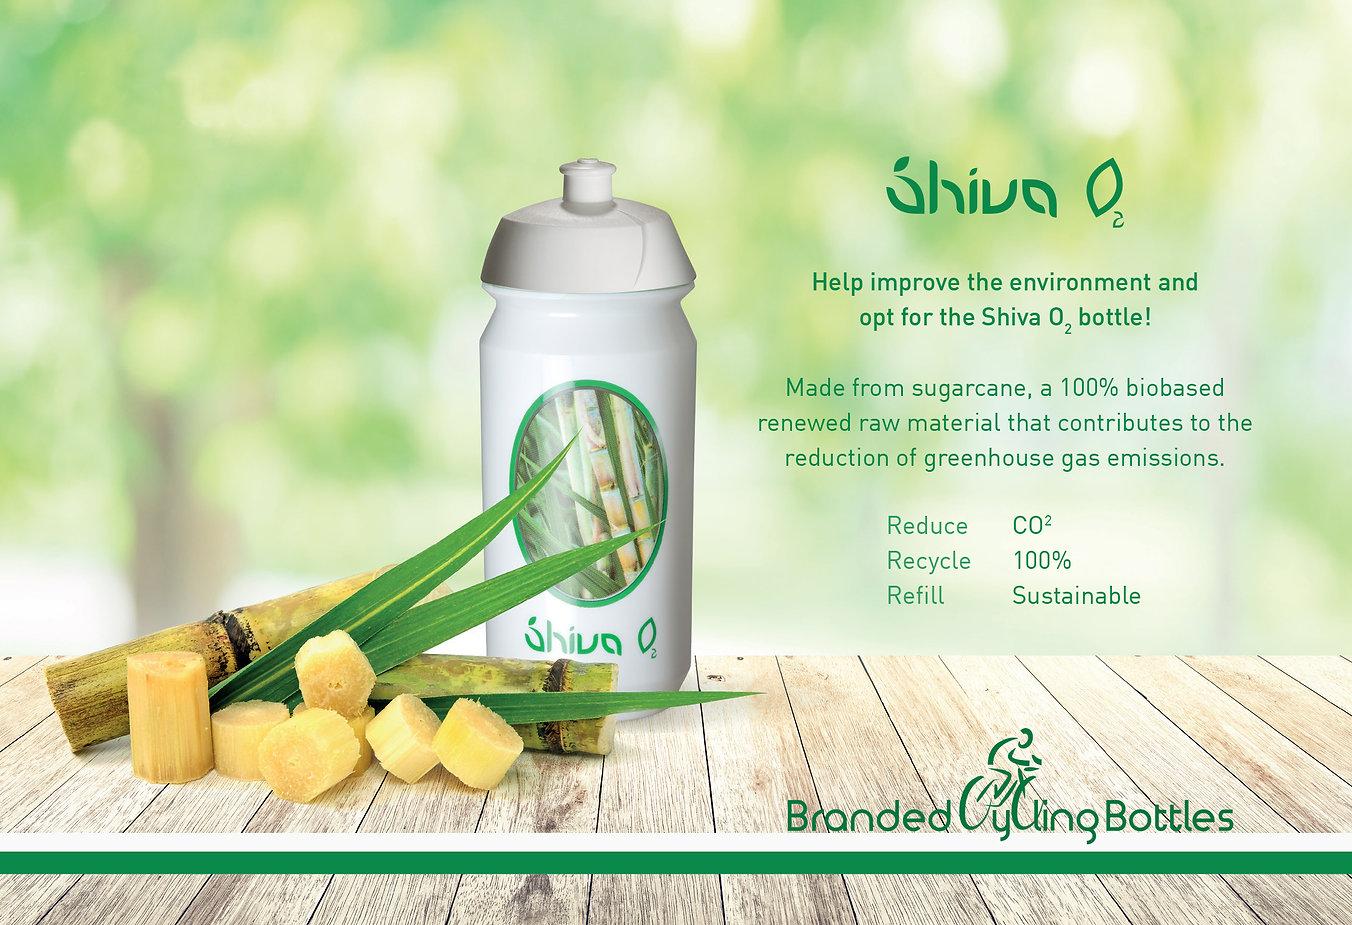 Shiva O2 Sugarcane Flyer V3.jpg